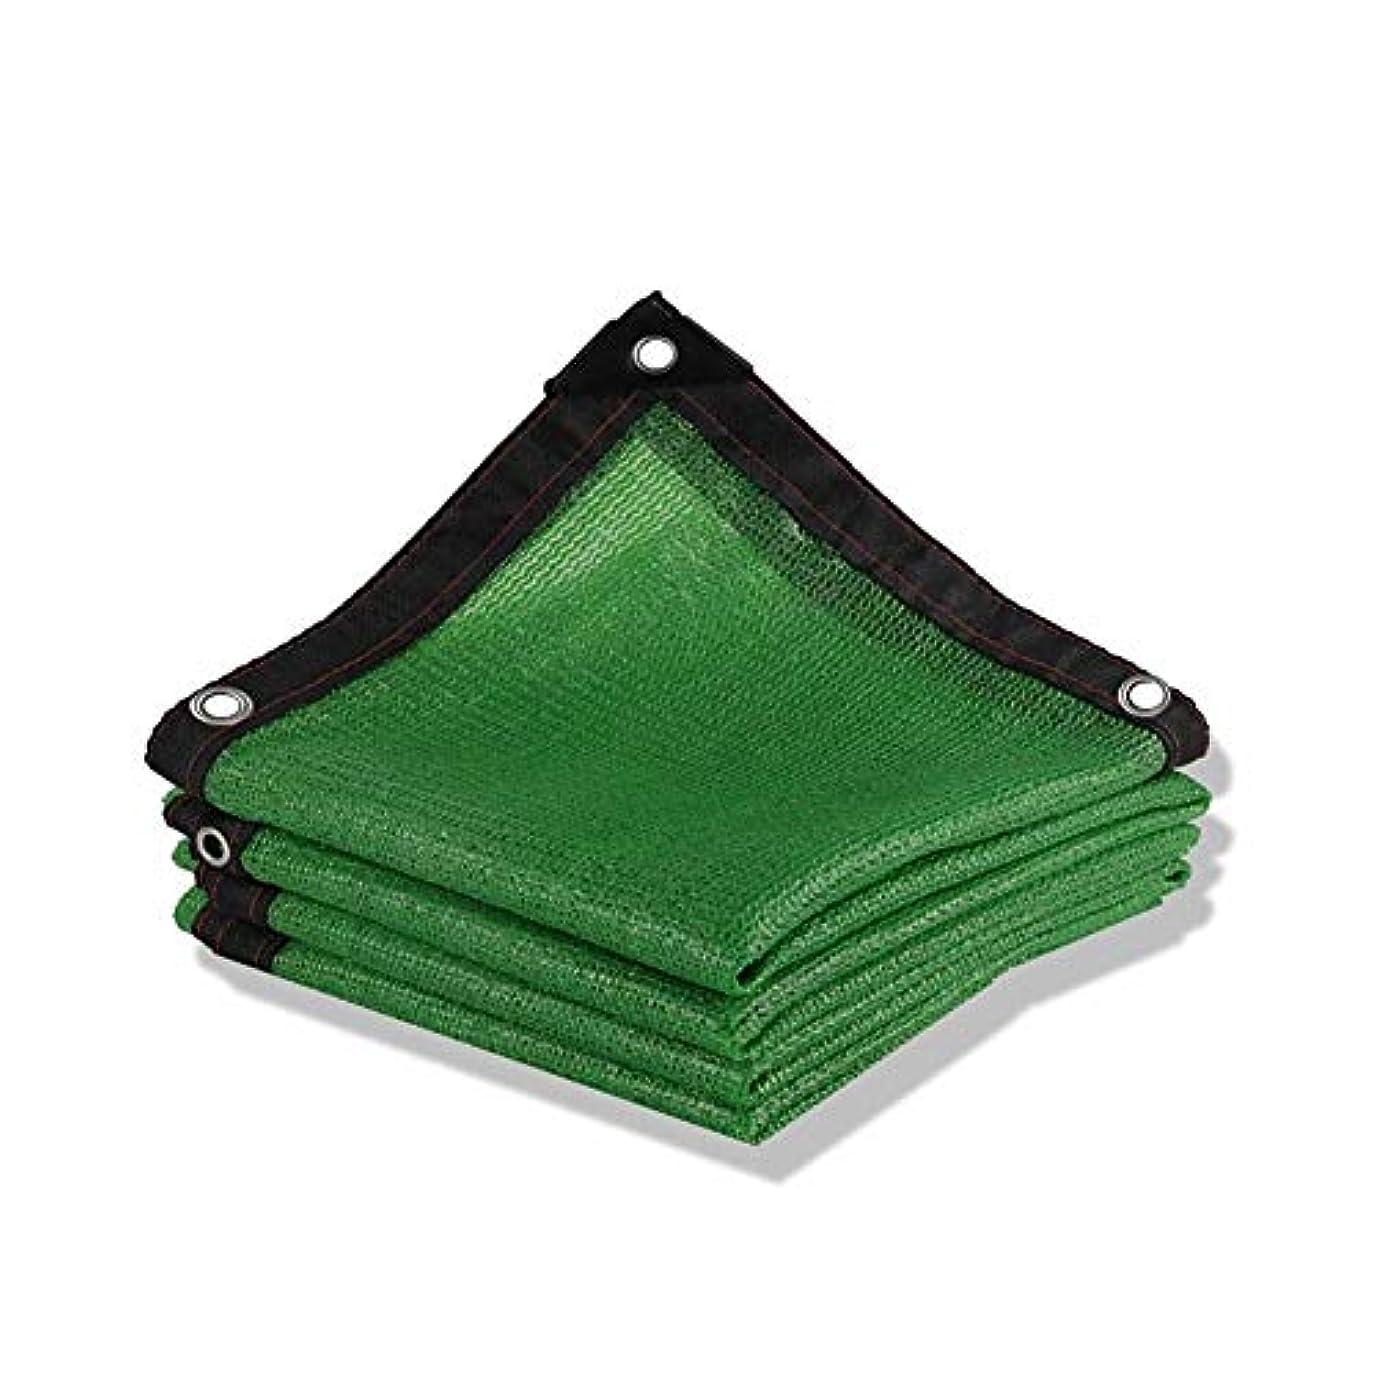 貴重なのホスト団結網が付いている網80%日焼け止めの布の防水シートは庭の花植物の温室のために理想的なテープを付けられた端及びアルミニウムグロメットに理想的です (Size : 3x5m)